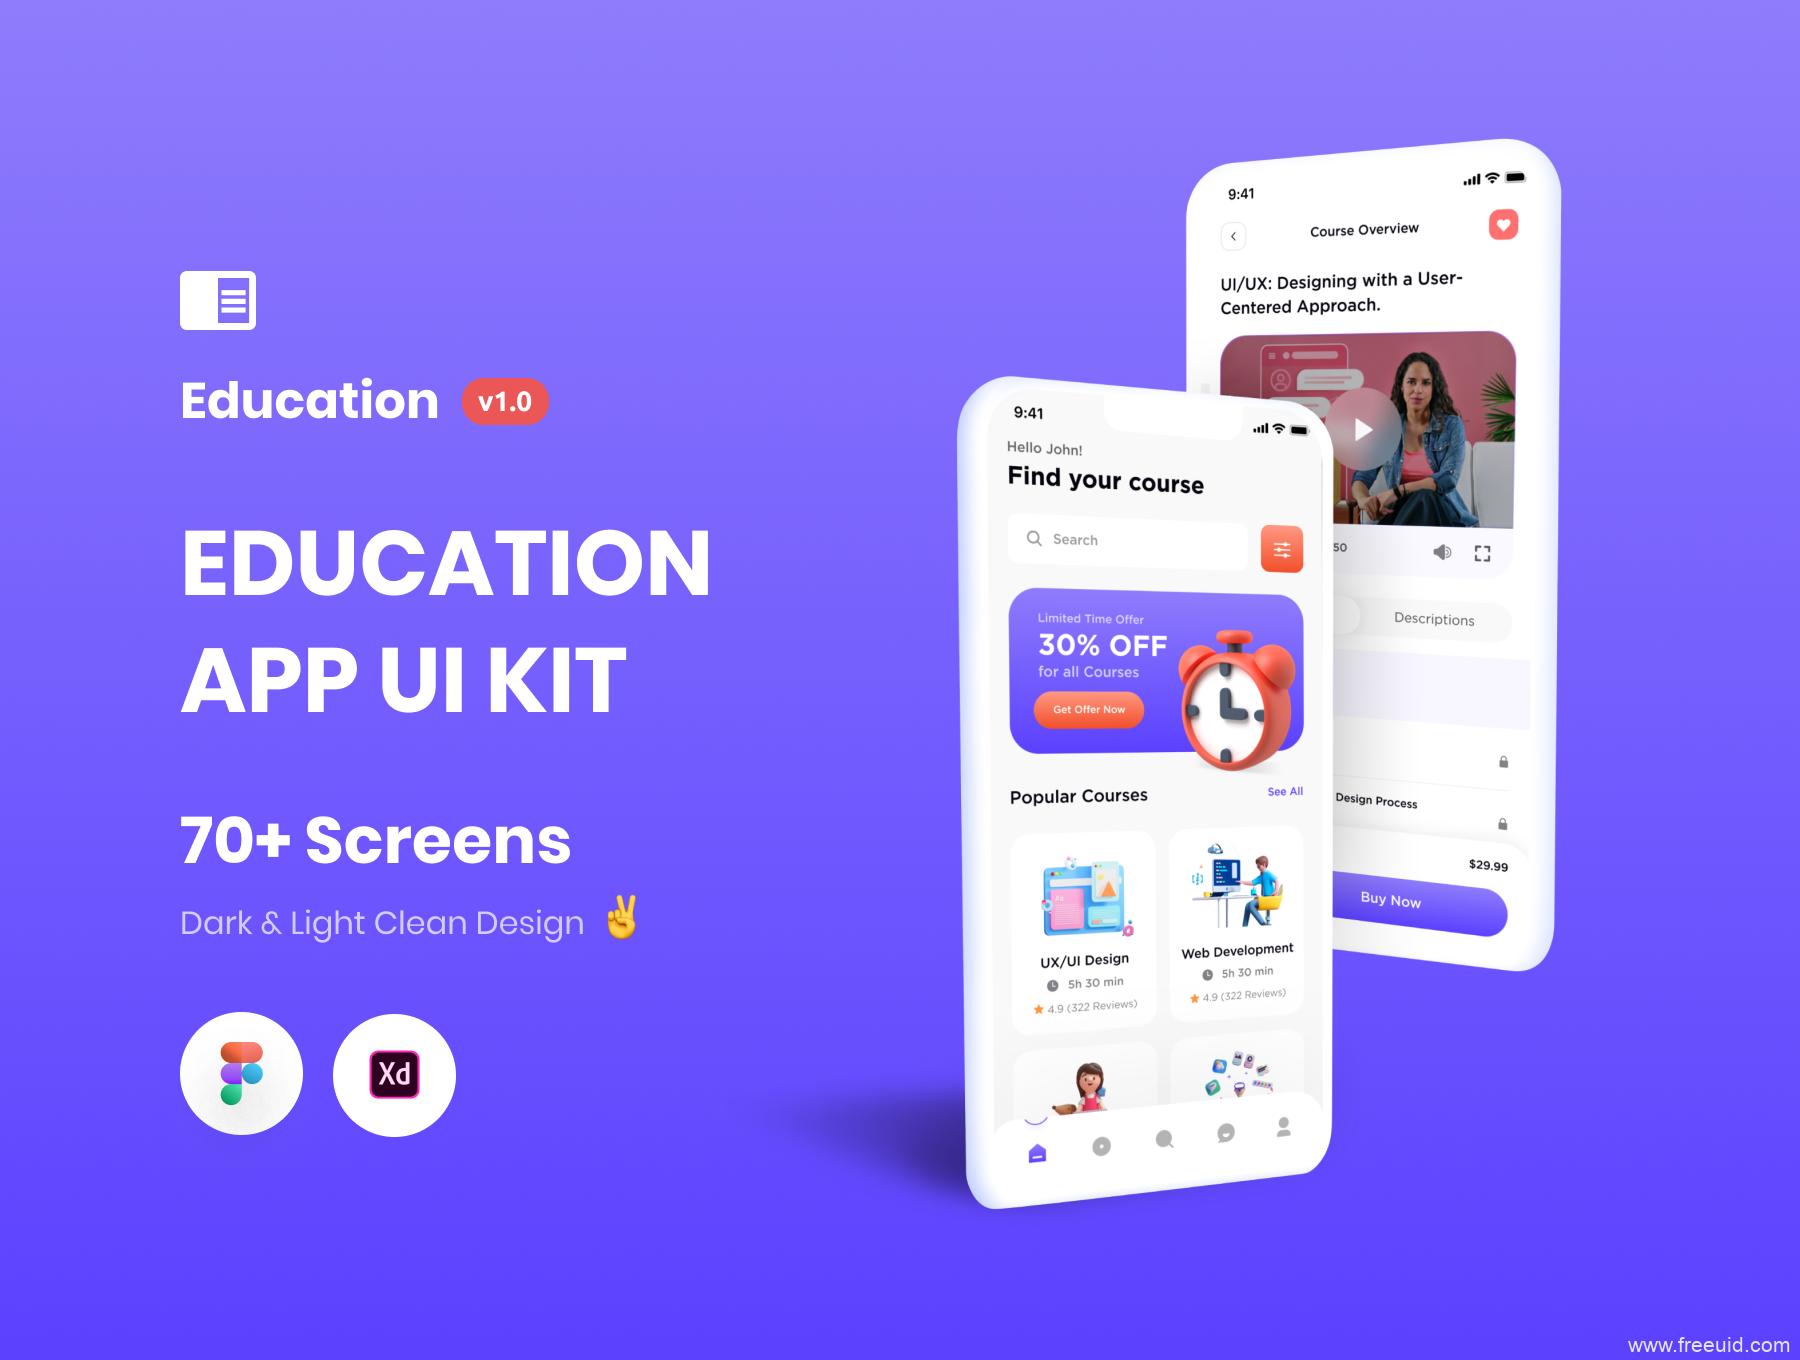 时尚流行风格的在线教育APP UI素材下载,教育学习app UI源文件下载,黑白双色教育UI资源下载